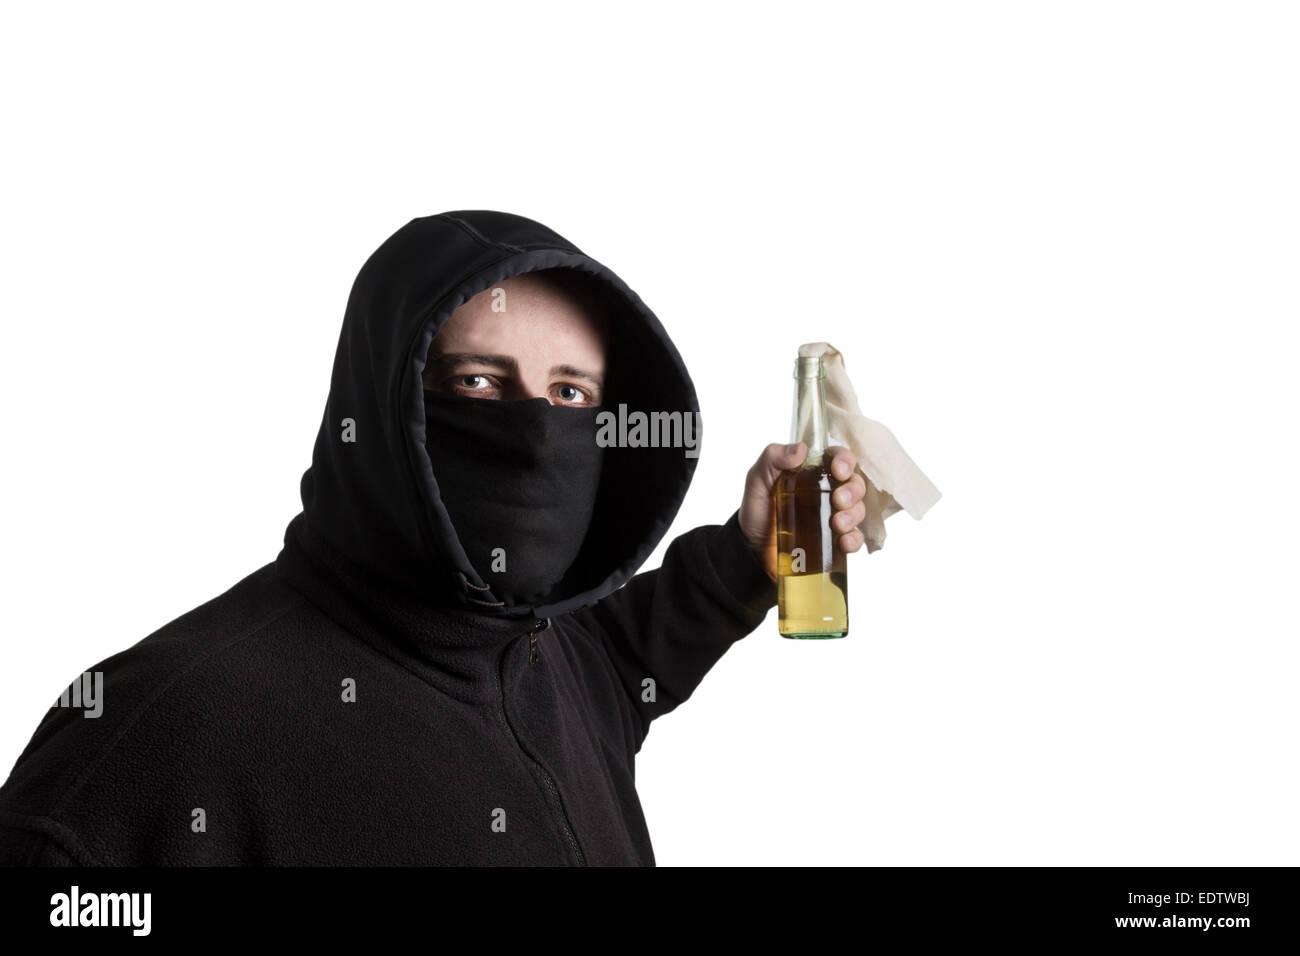 Vermummte Mann im schwarzen Kleid mit einem Molotow-Cocktail ...